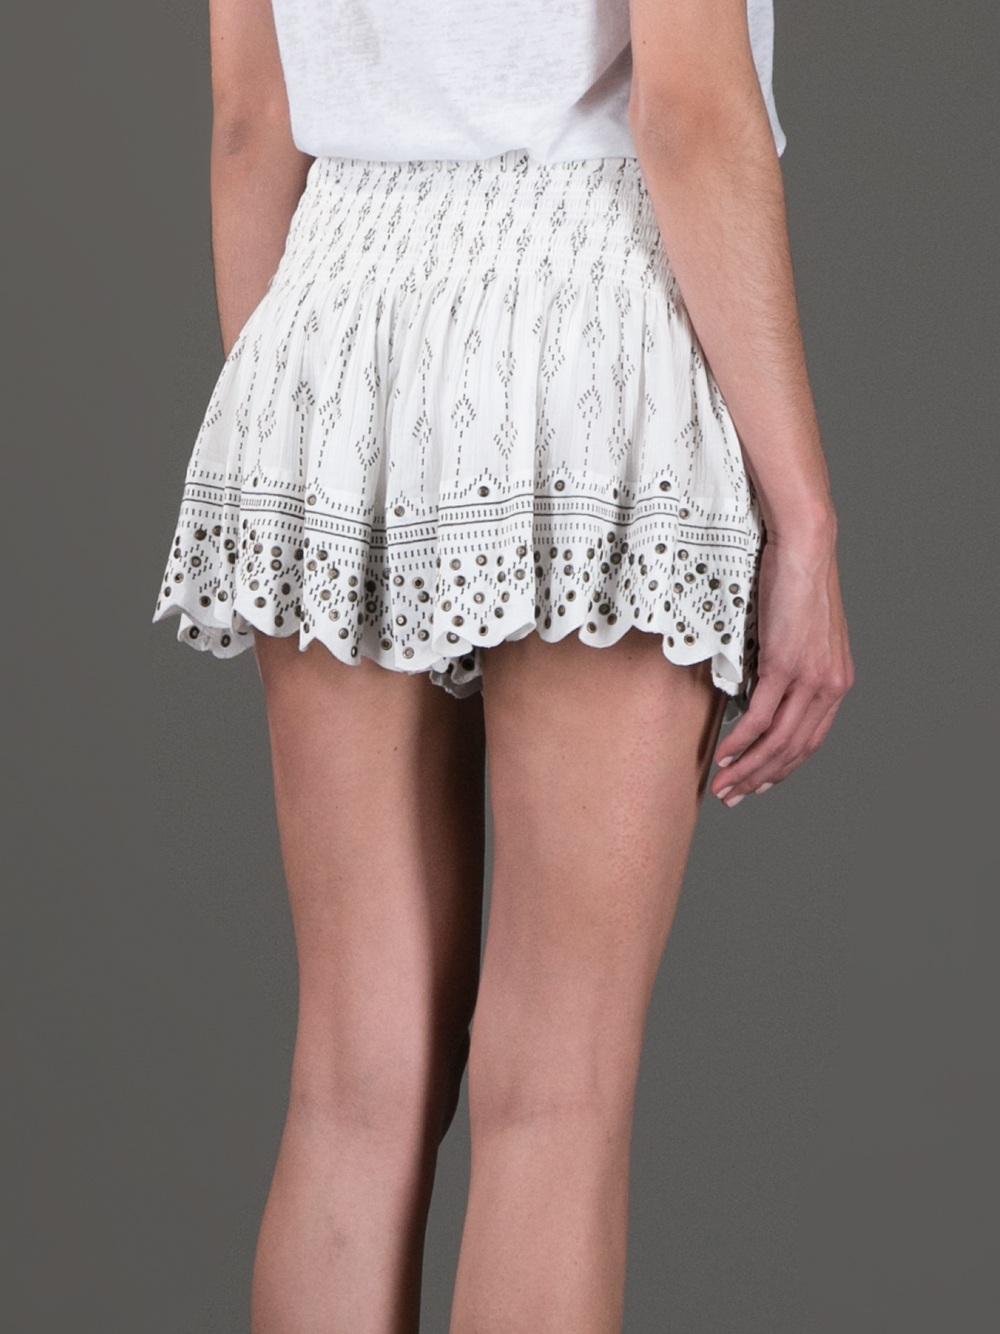 Isabel marant Short Studded Skirt in White | Lyst